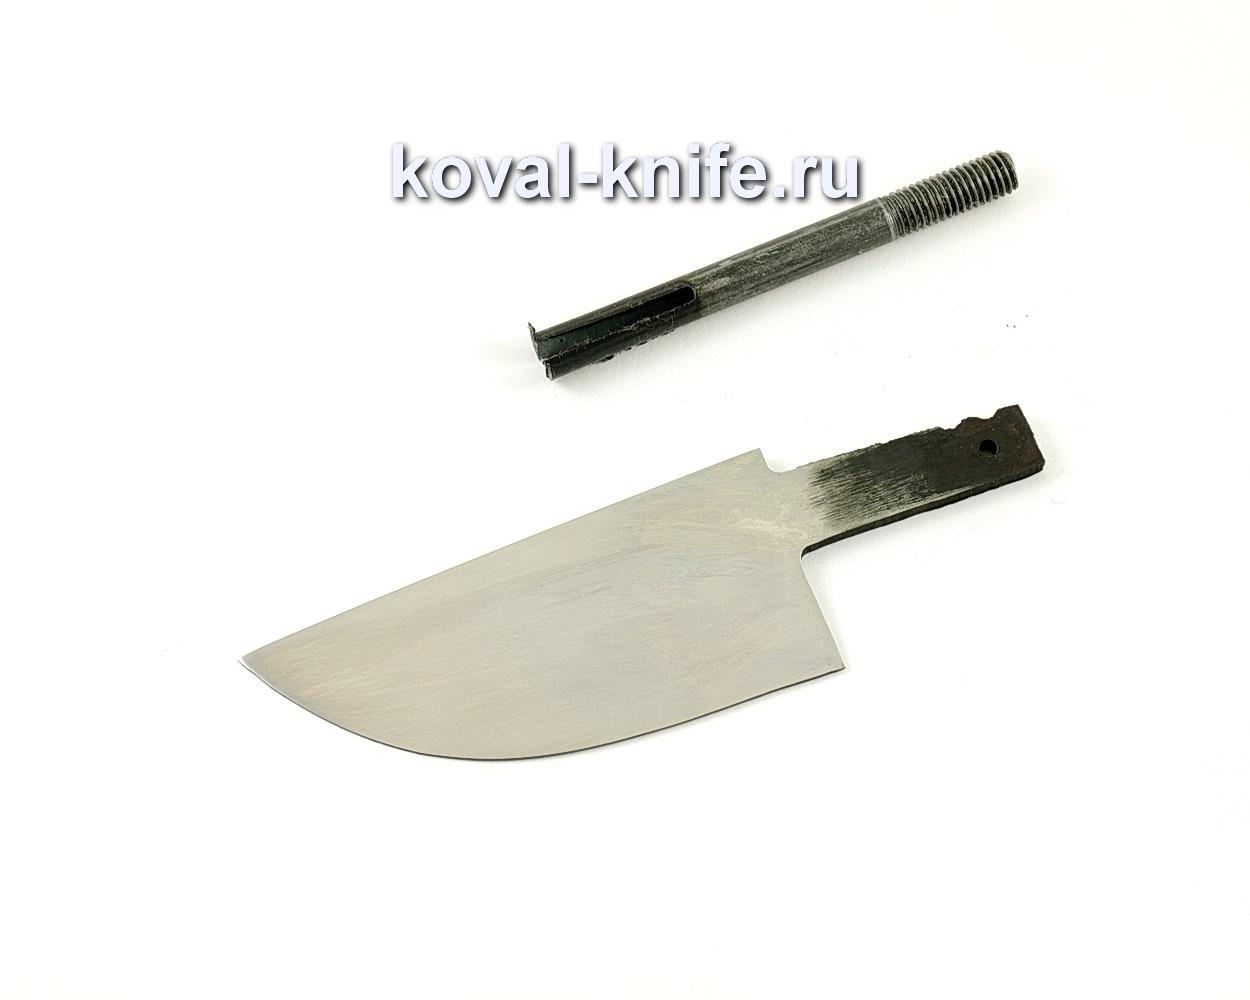 Клинок для ножа Скин (кованая сталь 95Х18)